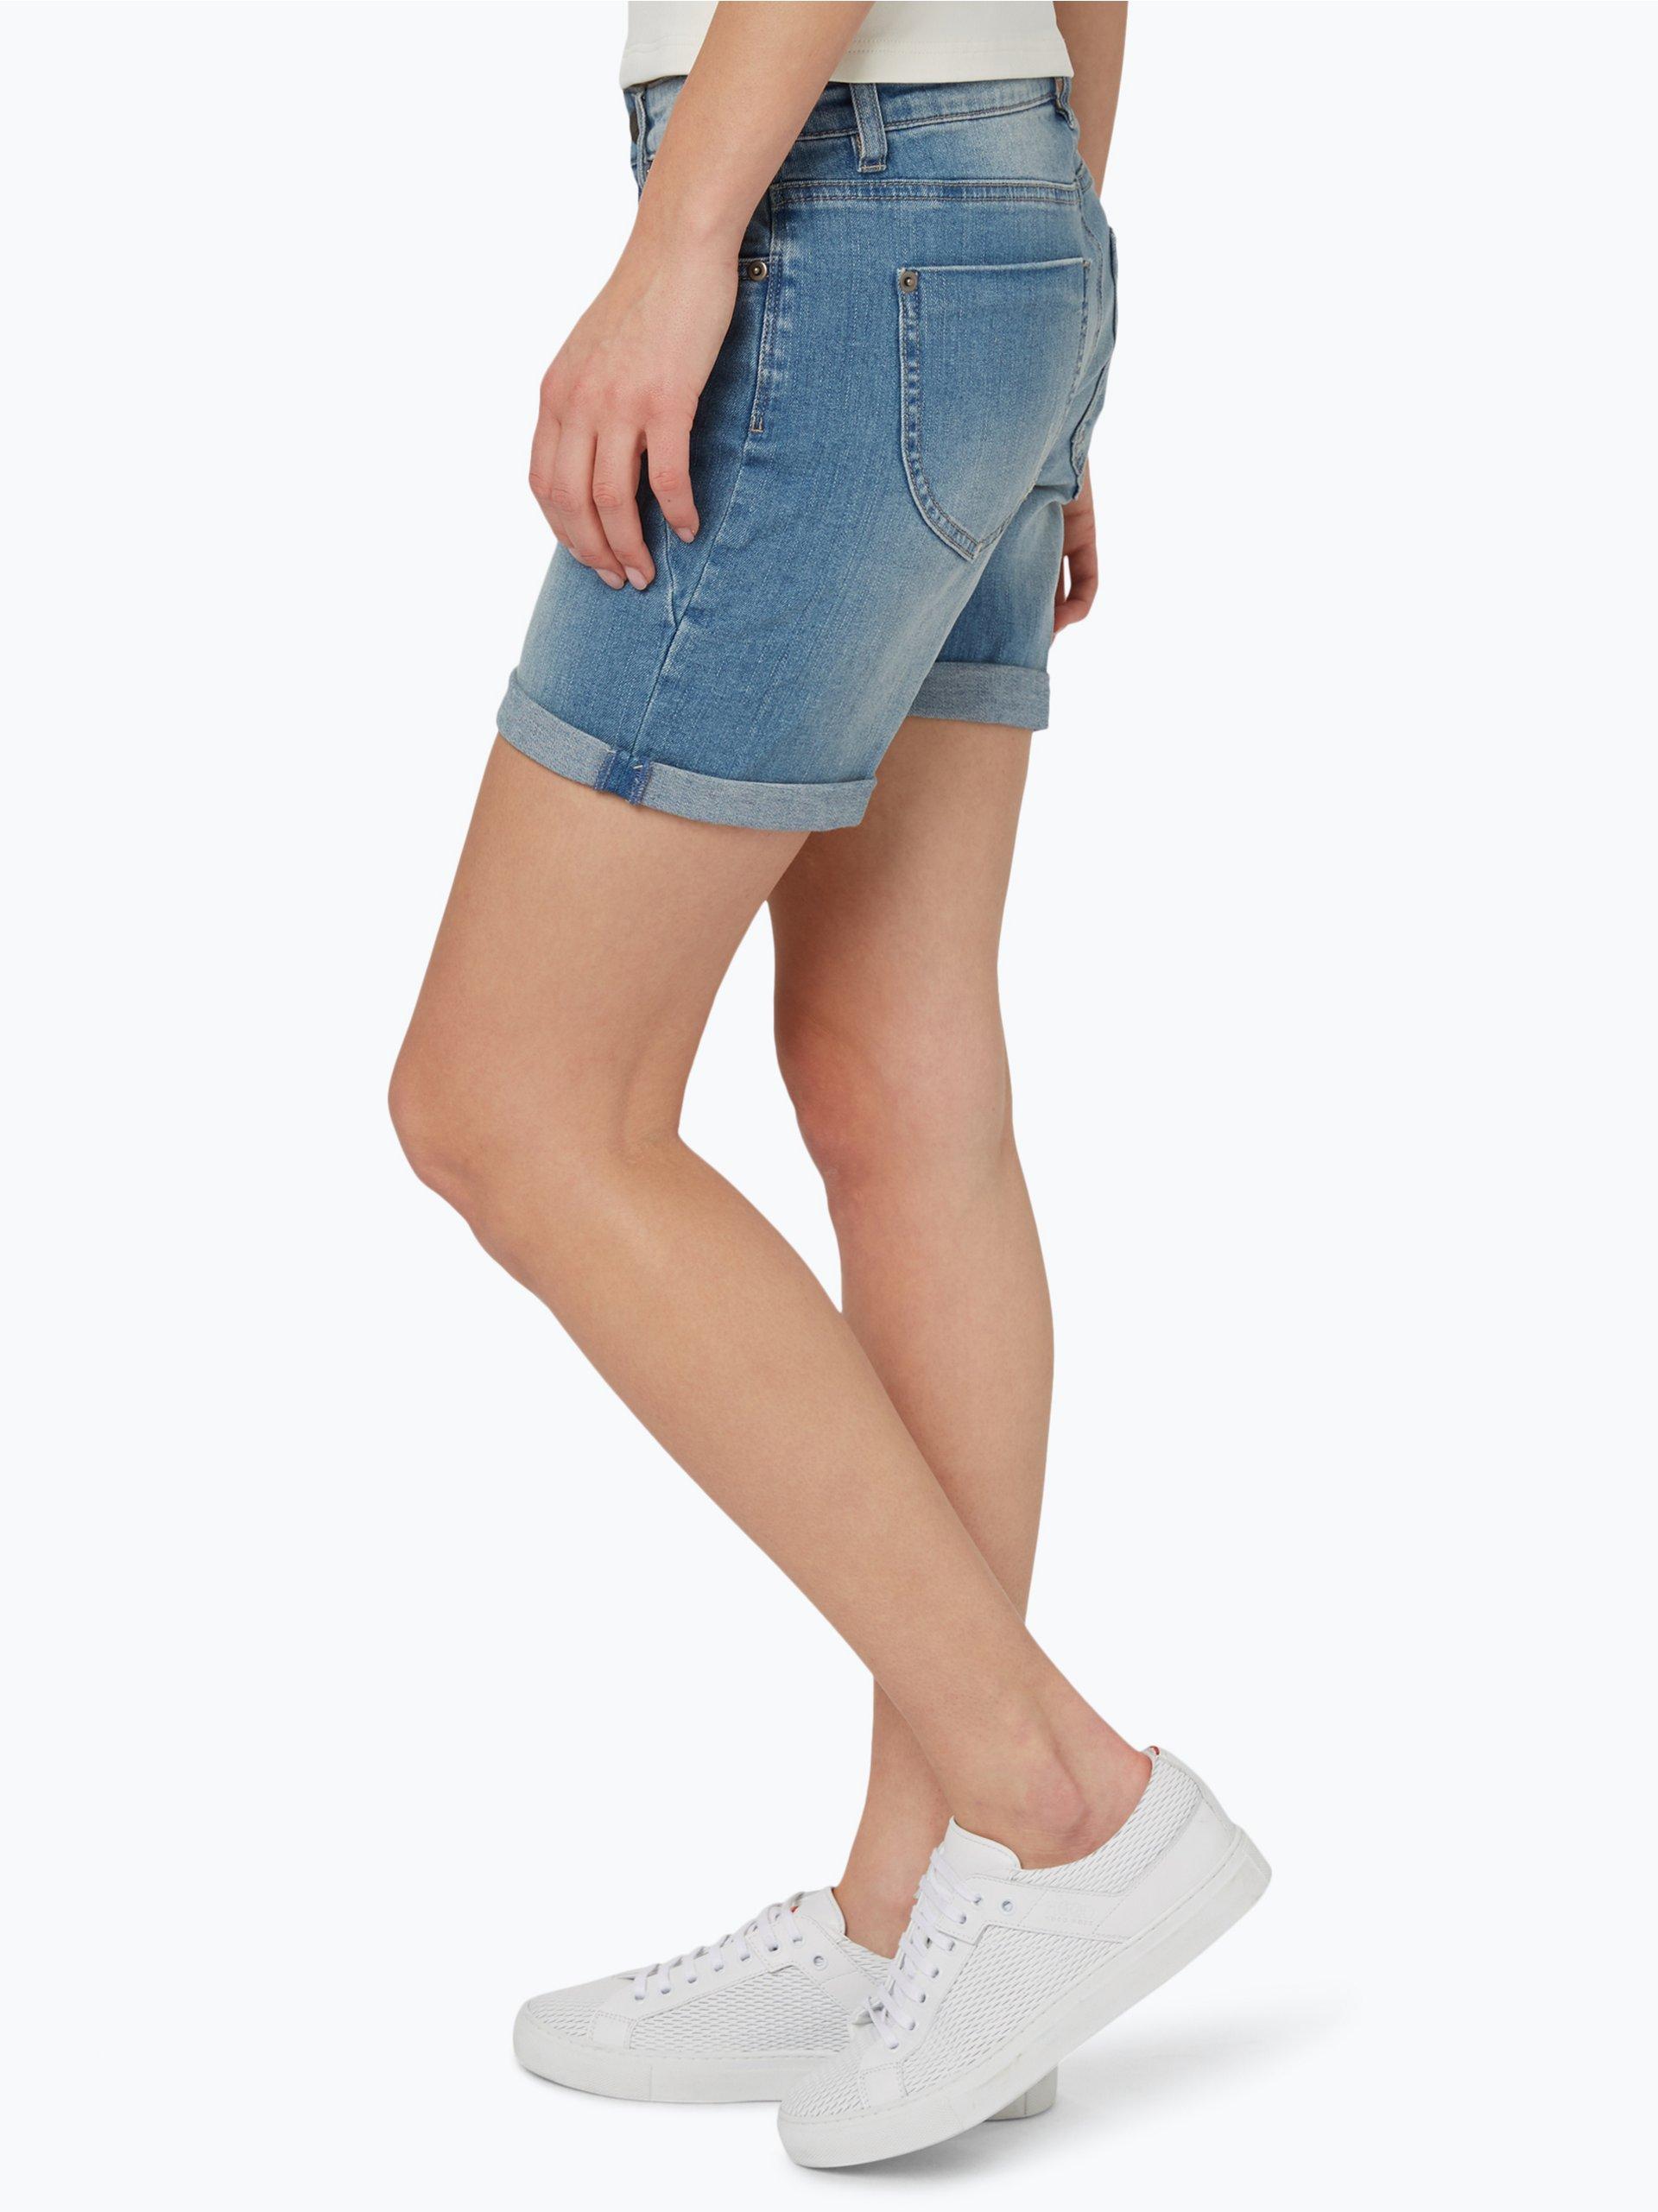 marie lund damen jeans shorts medium stone uni online kaufen peek und cloppenburg de. Black Bedroom Furniture Sets. Home Design Ideas